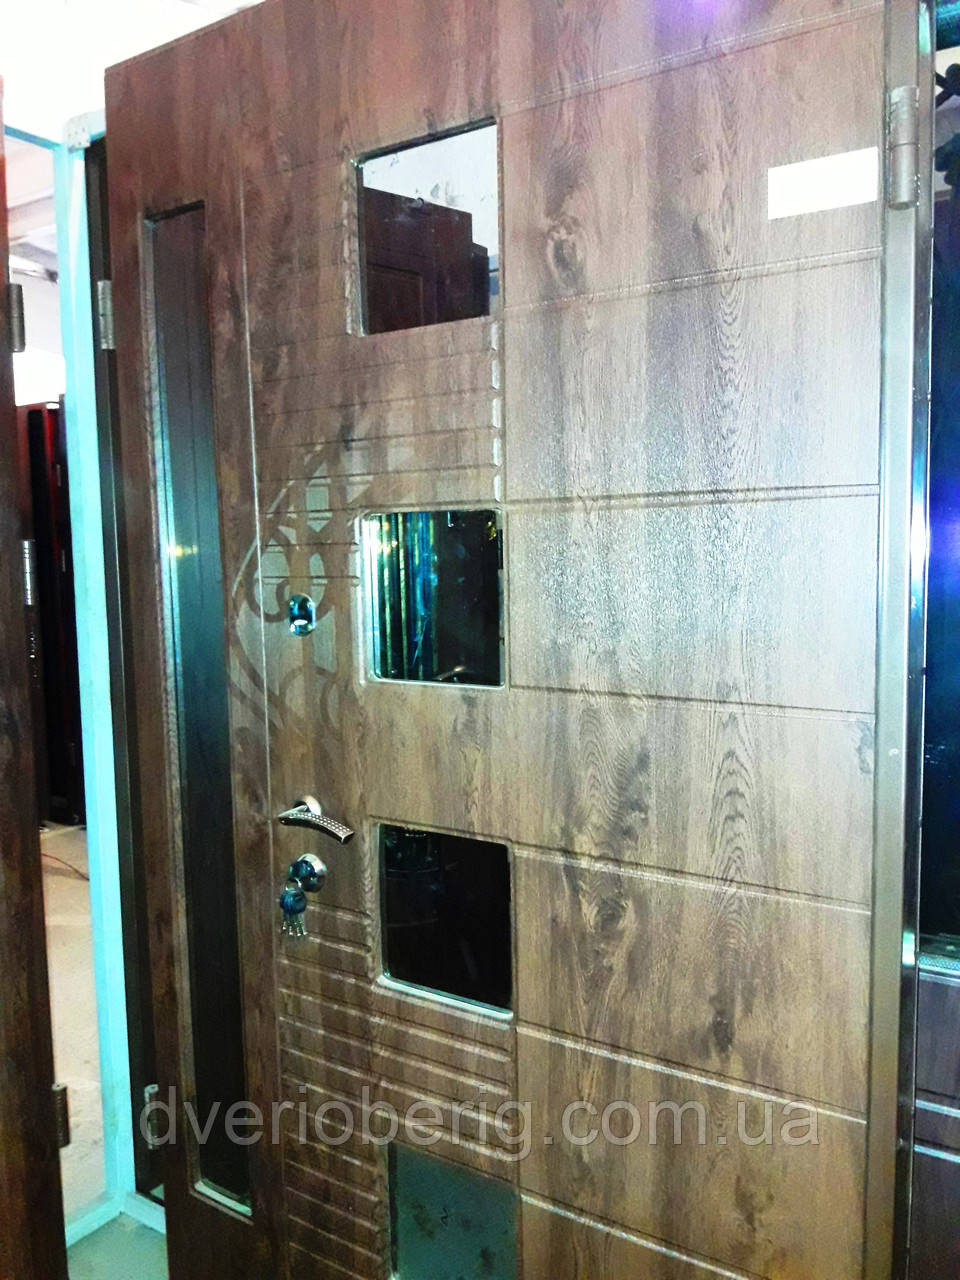 Входная дверь двух створчатая модель П3-501 vinoriy-02 СТЕКЛА